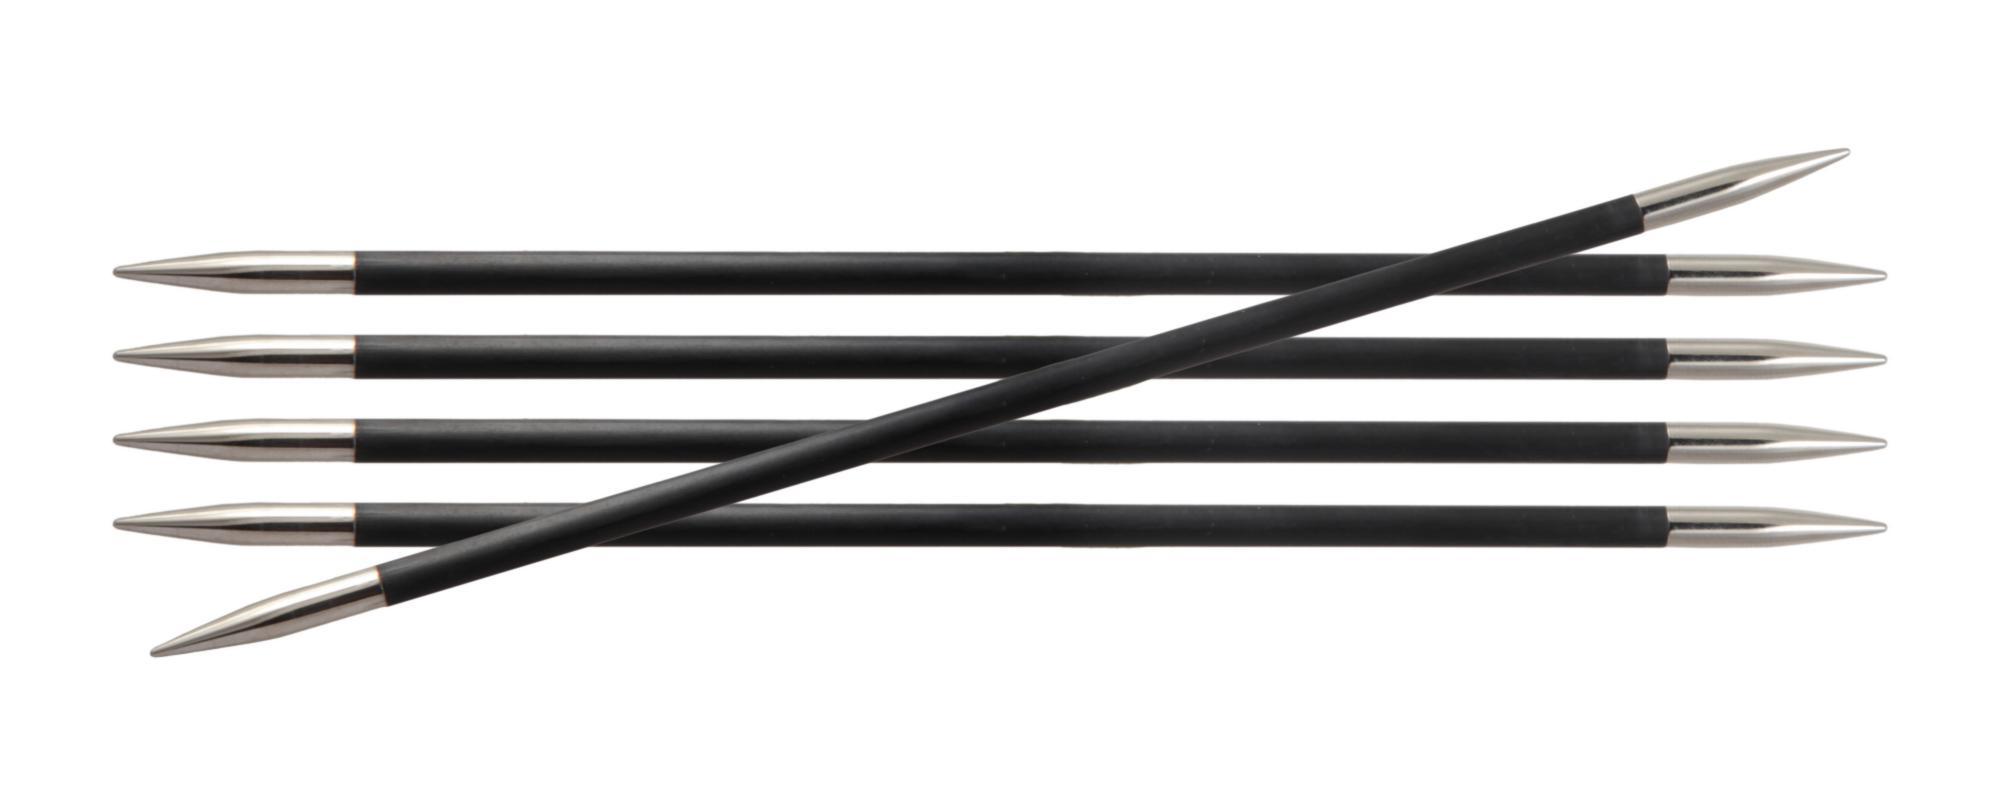 Спицы носочные 15 см Karbonz KnitPro, 41104, 1.75 мм